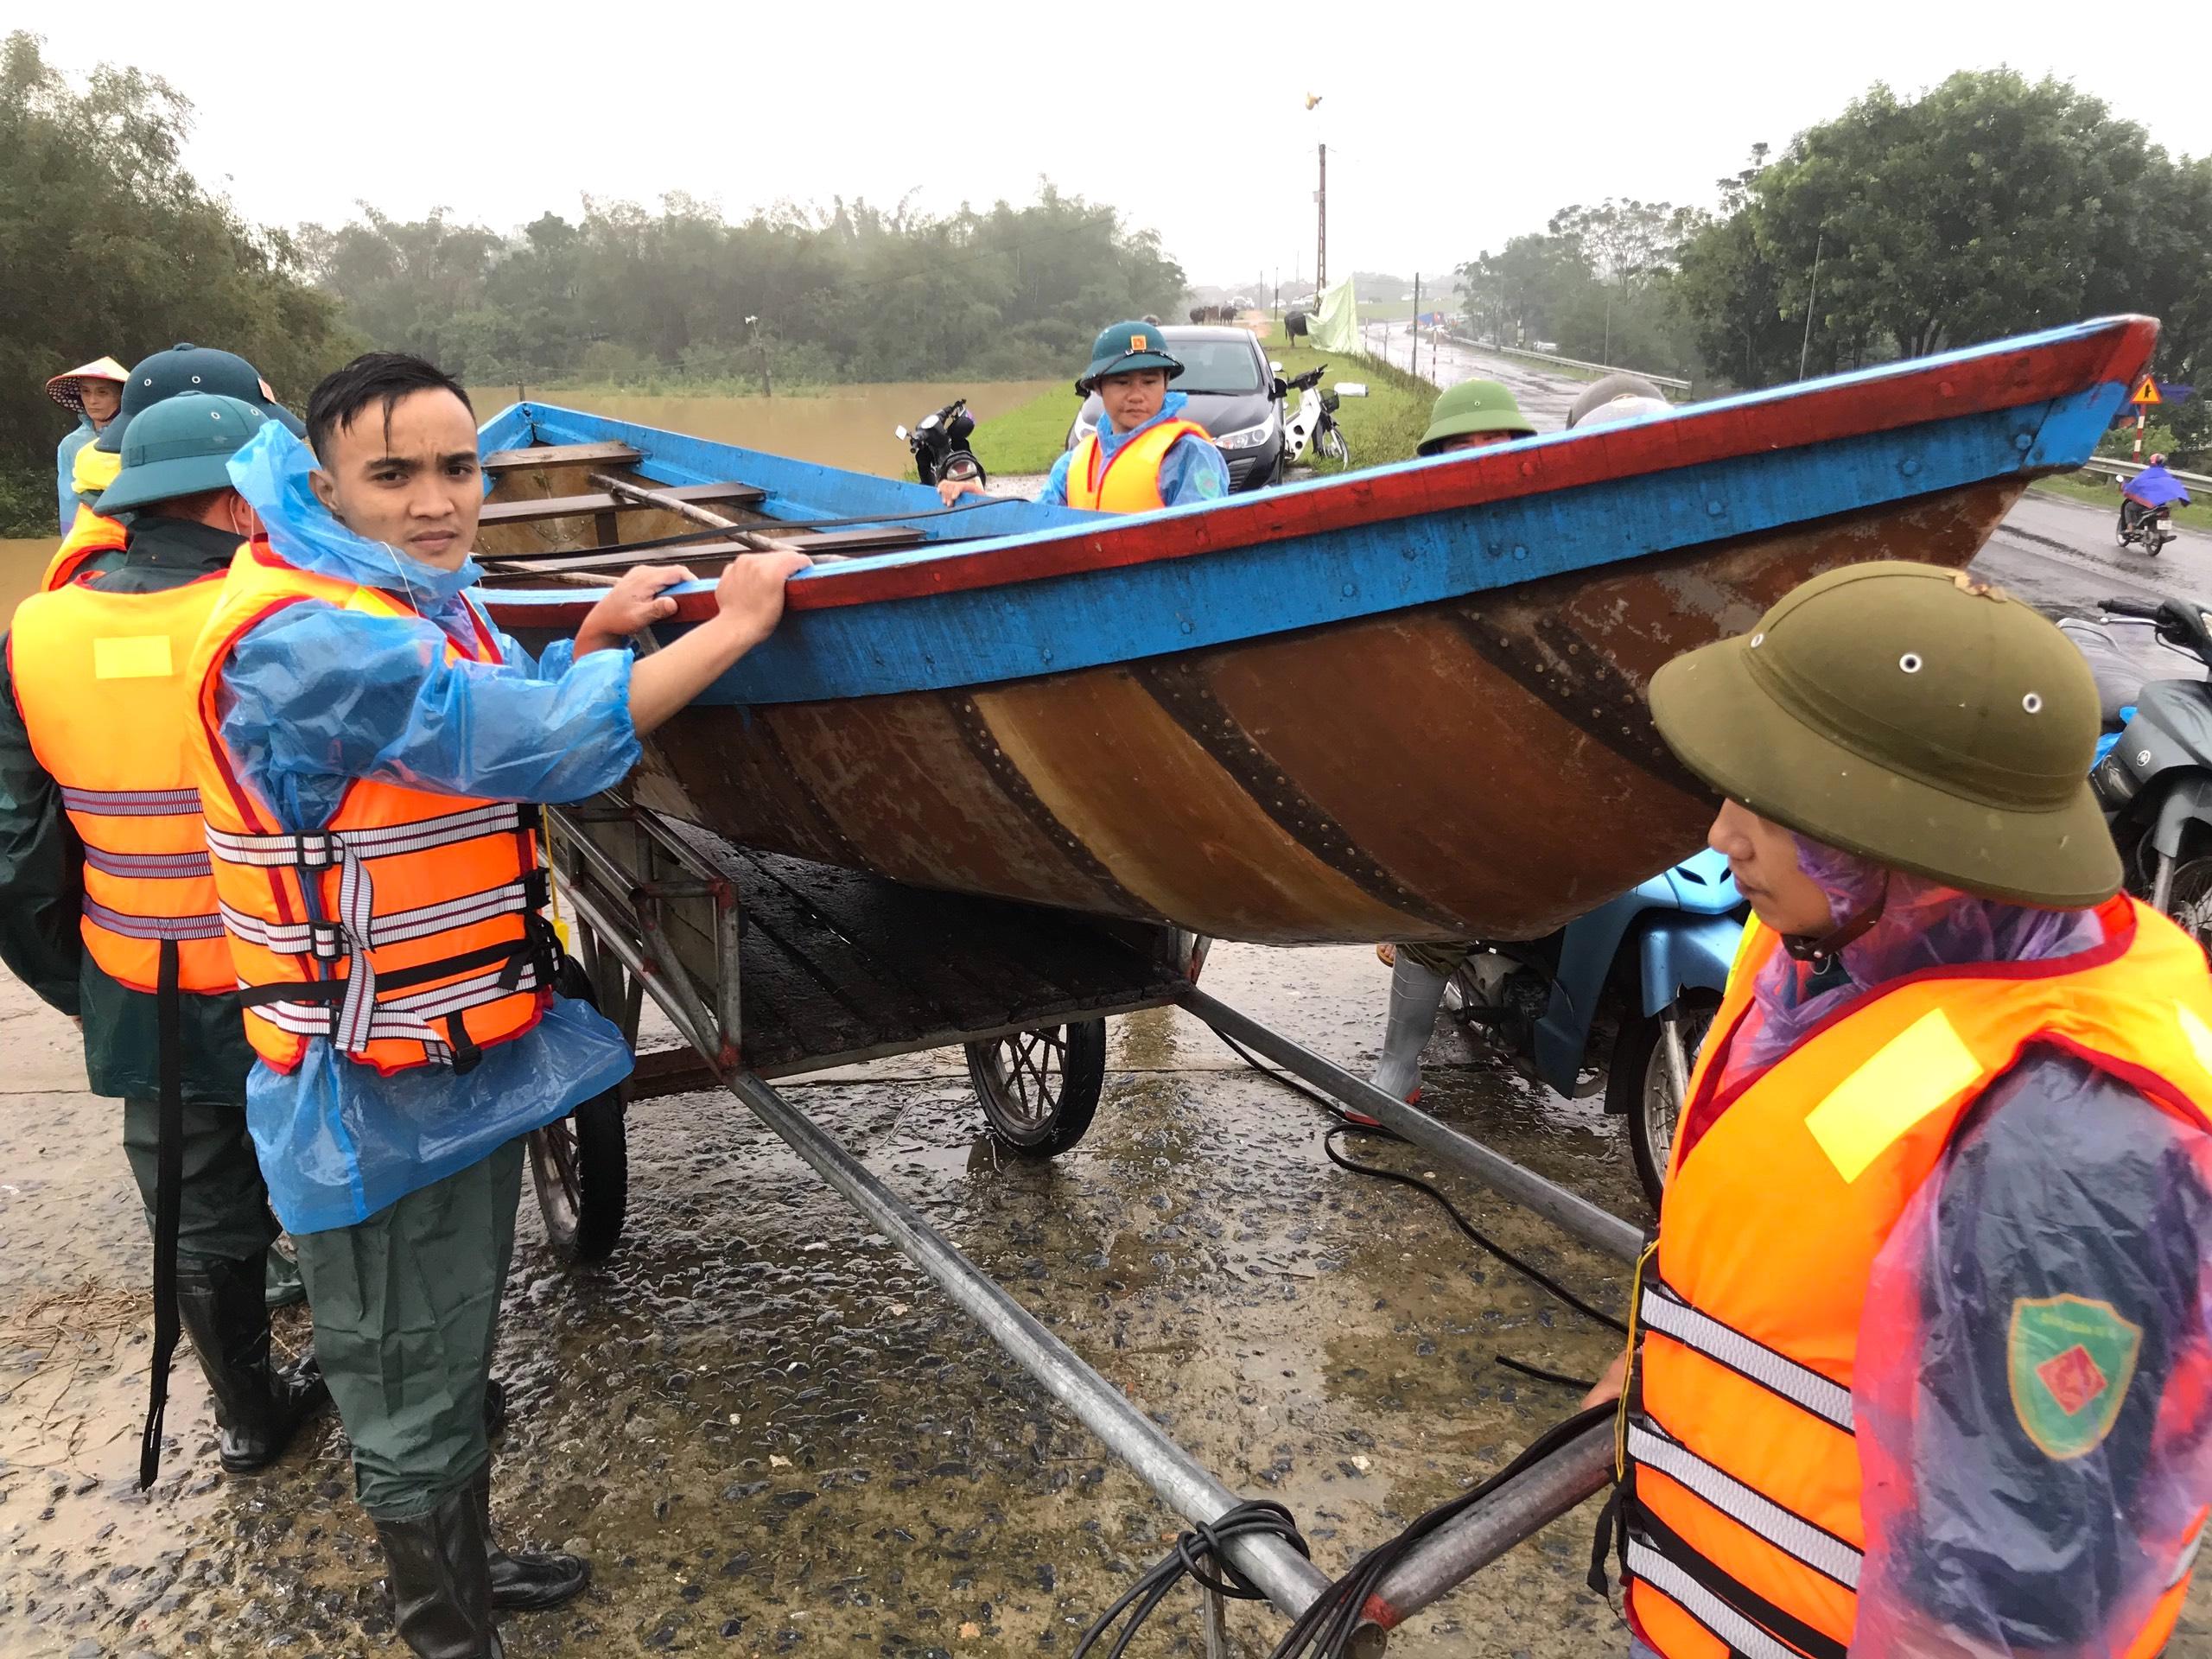 Nghệ An: Người dân ven sông phải lên đê dựng lều cho trâu bò trú ẩn - Ảnh 20.